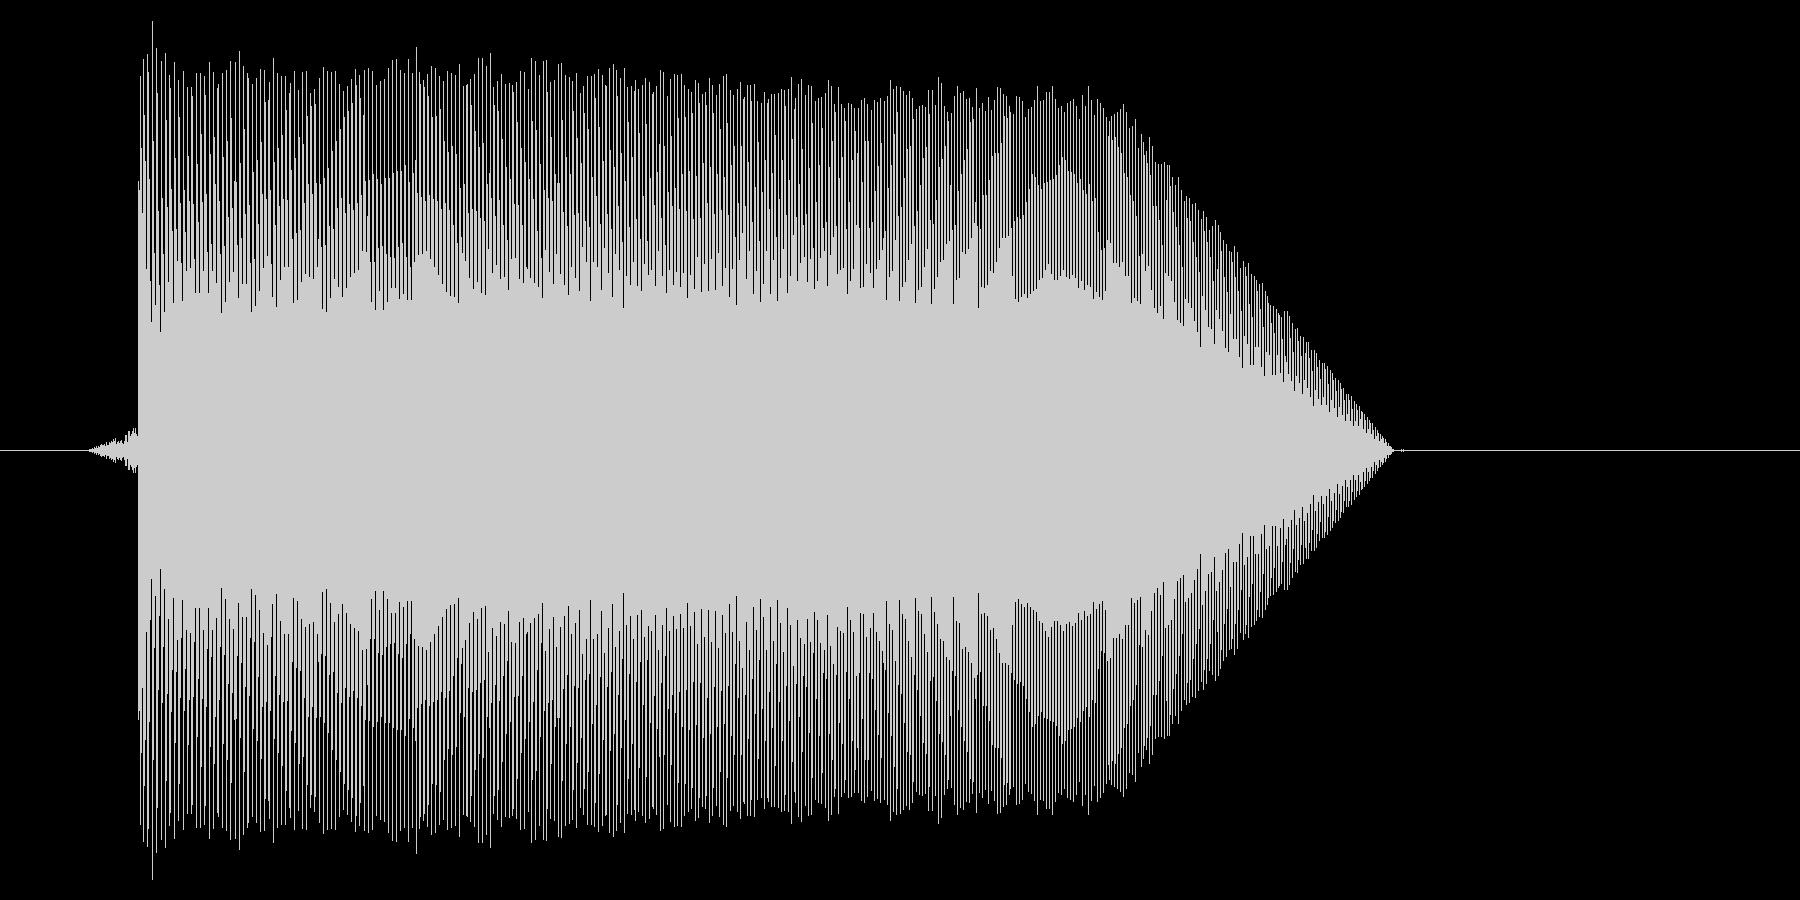 ゲーム(ファミコン風)ジャンプ音_015の未再生の波形